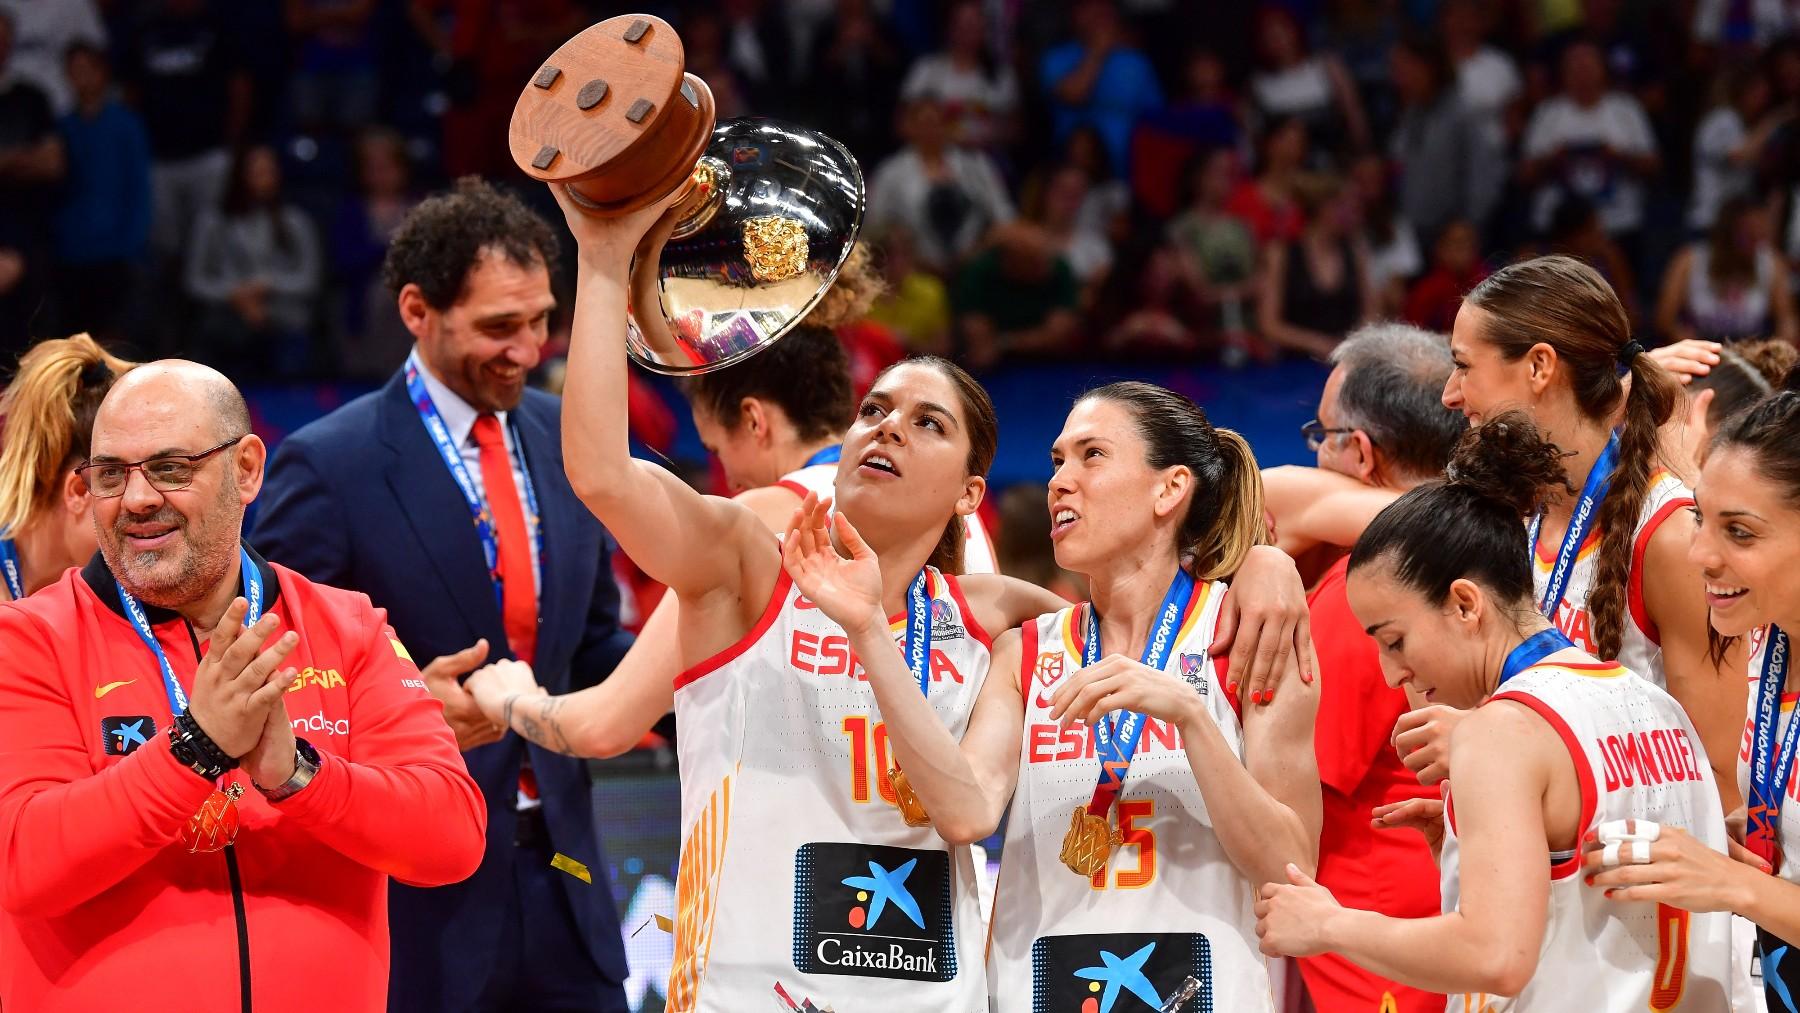 Xargay y Cruz observan el trofeo de campeonas del EuroBasket 2019 con Mondelo y Garbajosa en la imagen. (AFP)